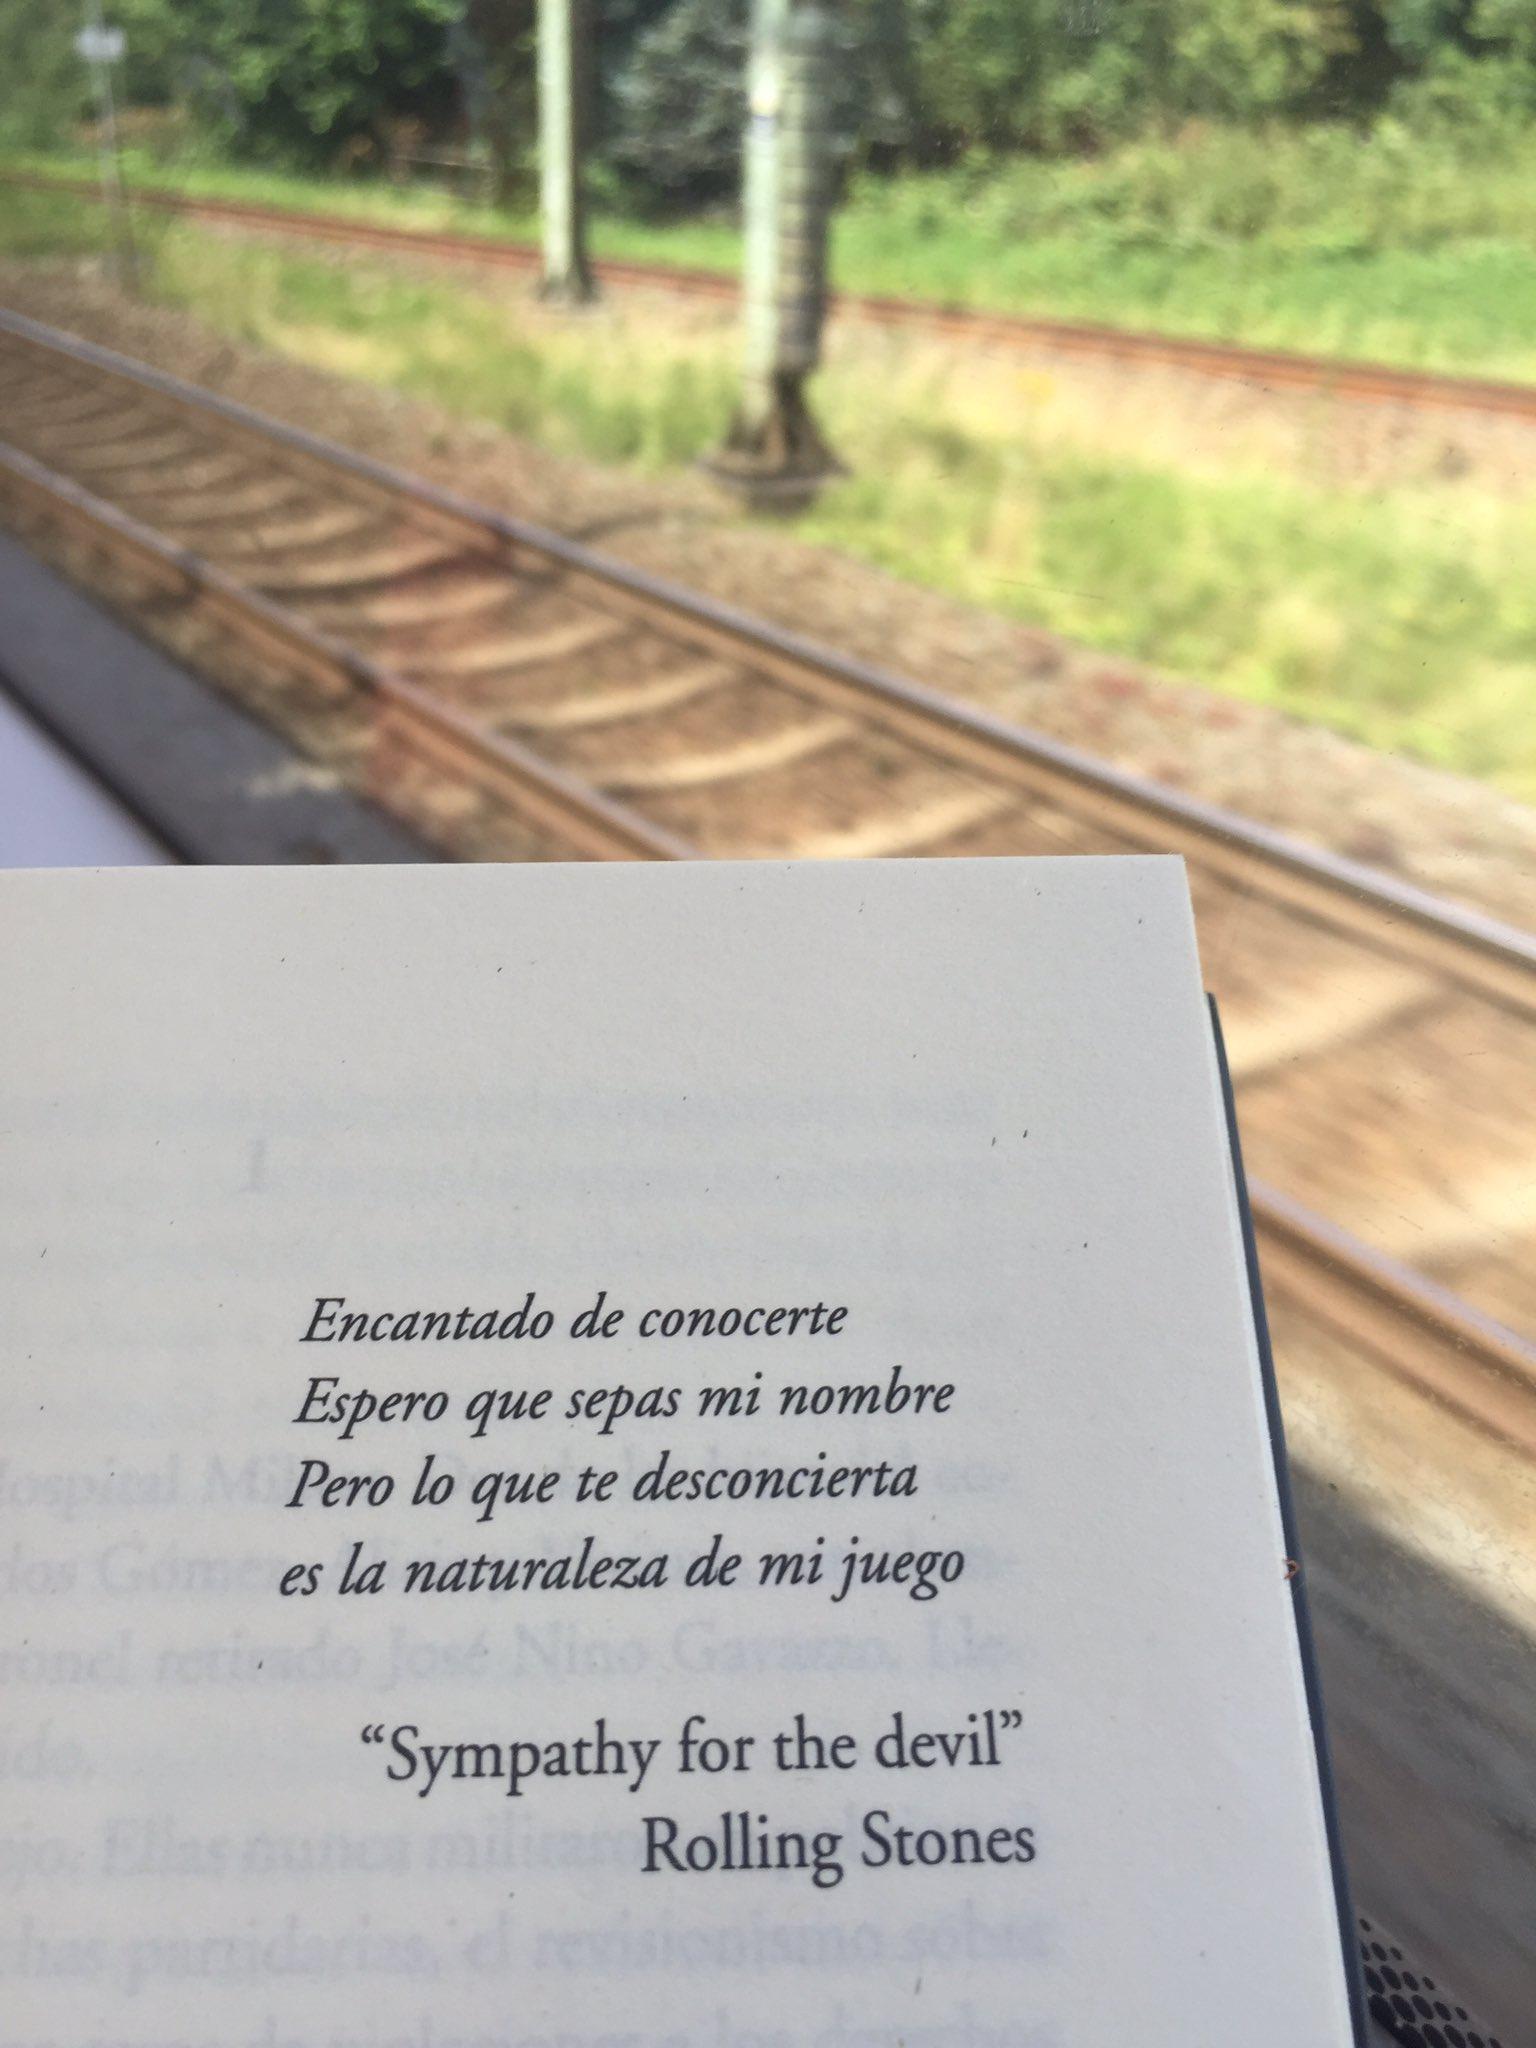 Cuando cerras un libro y no podes dejar de pensar en lo que leíste. Duro, excelente. Gracias @leohaberkorn https://t.co/azo1KFuapI